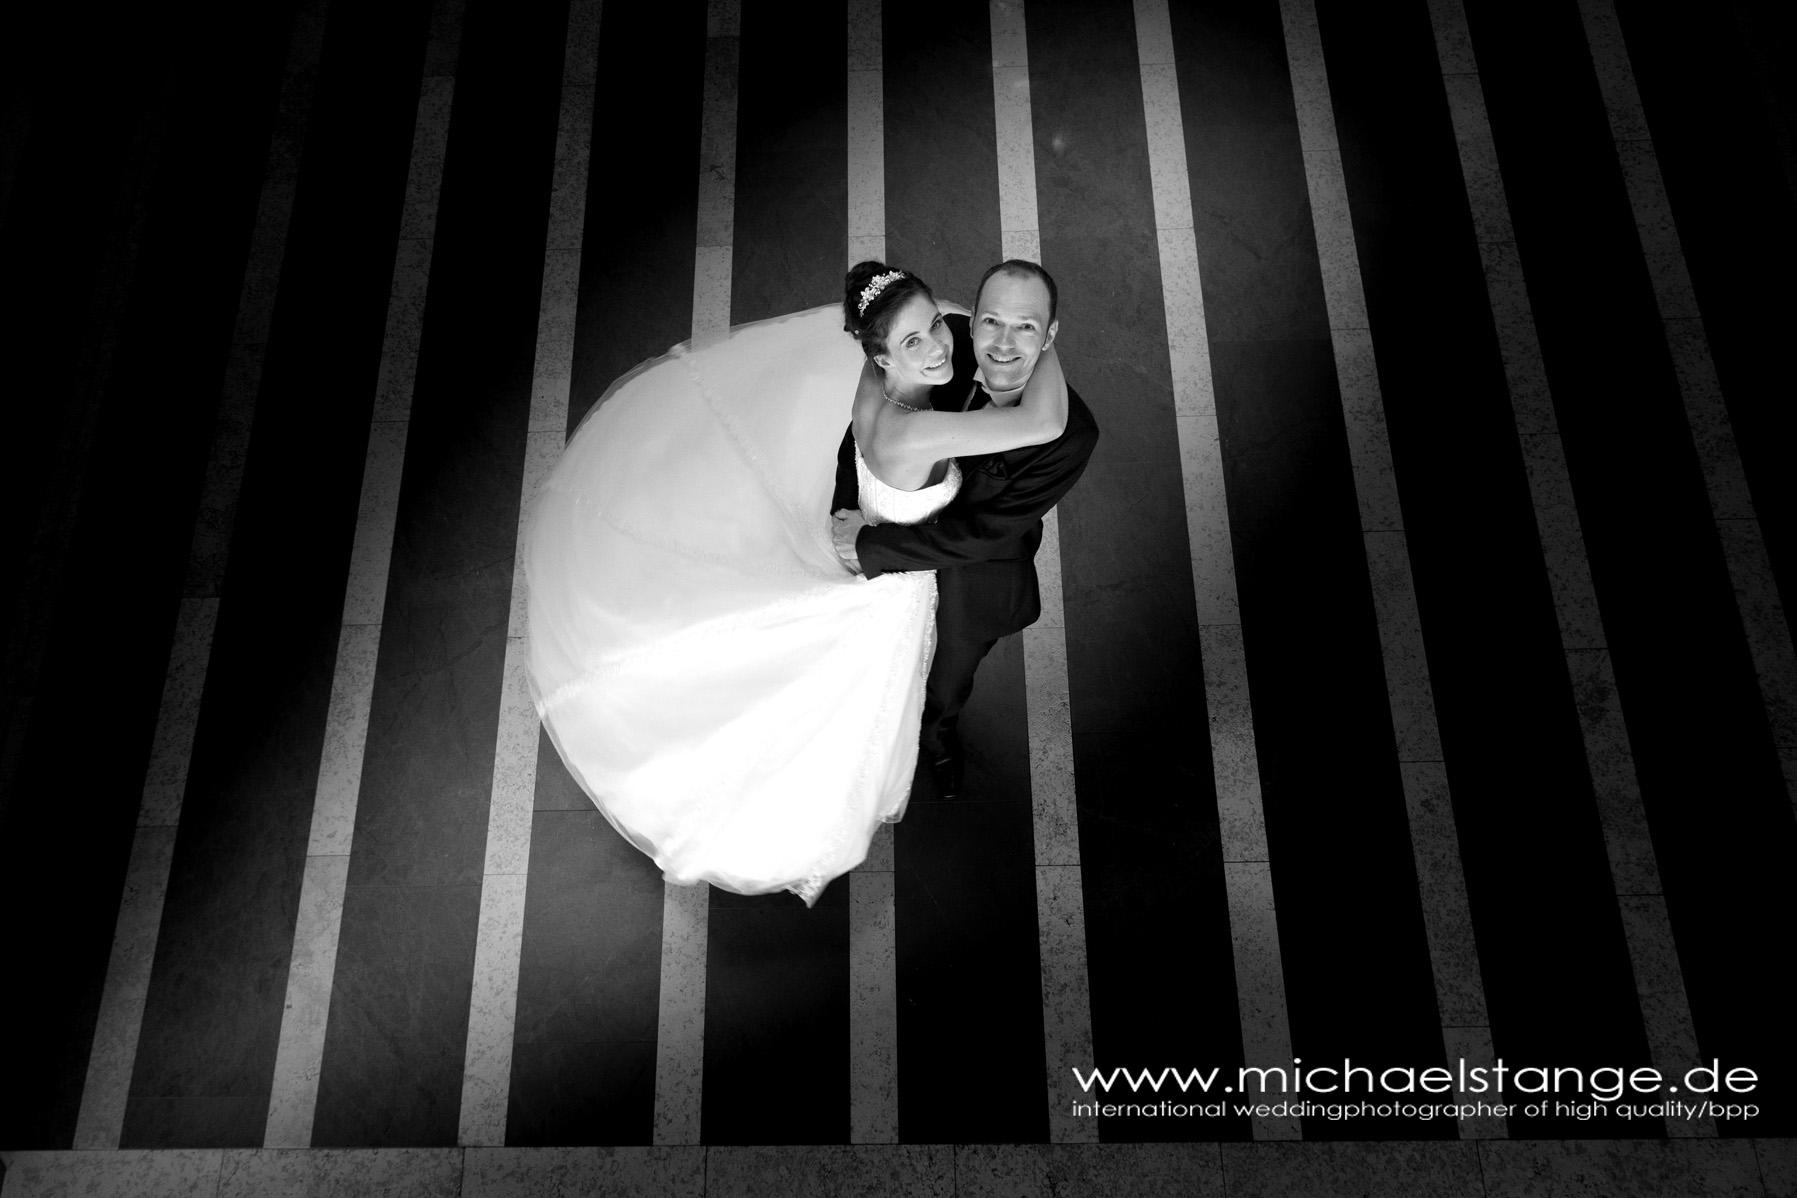 068sw Hochzeitsfotograf Michael Stange Baltrum Osnabrueck